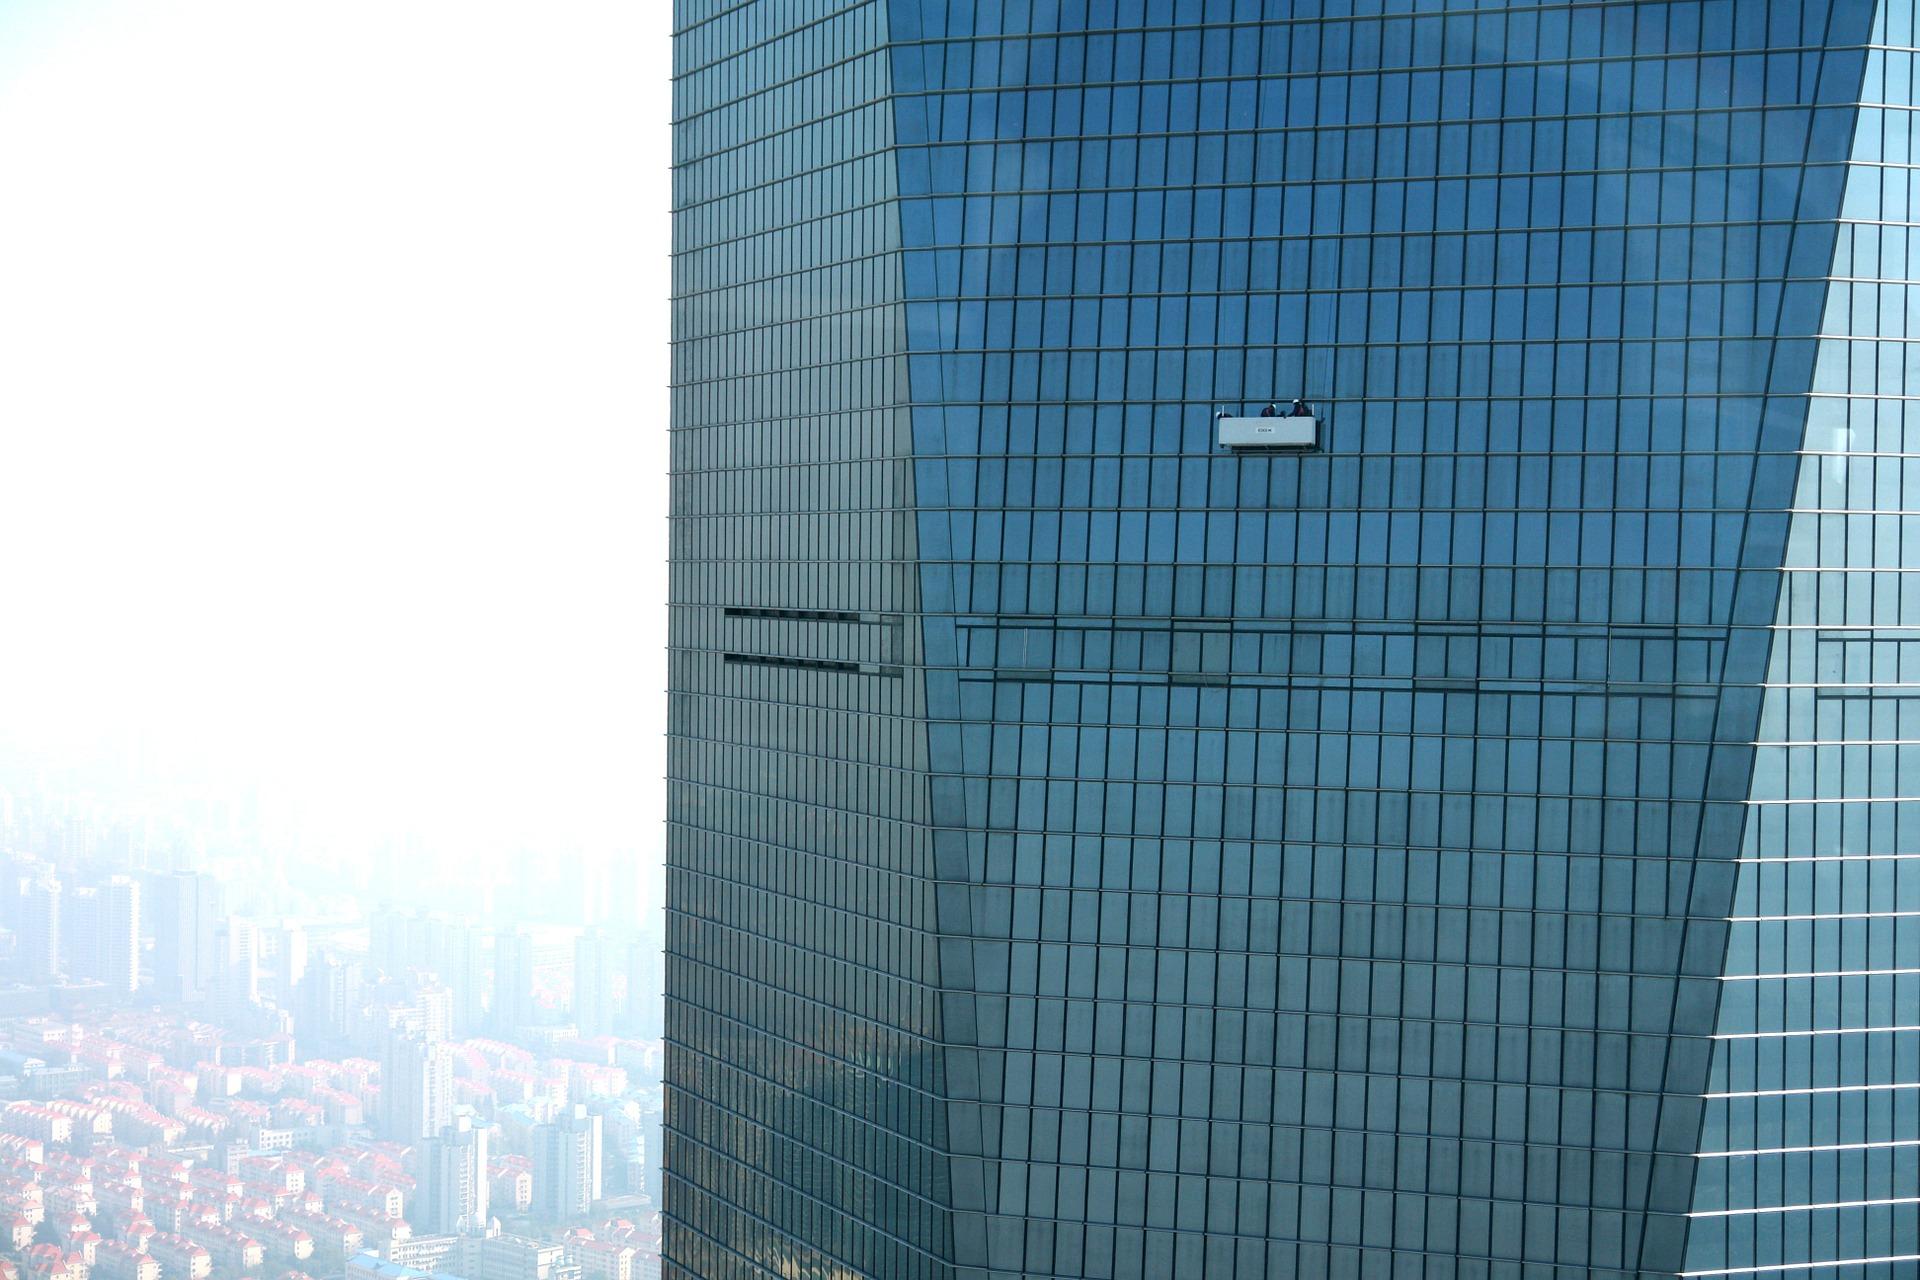 facade-1028961_1920